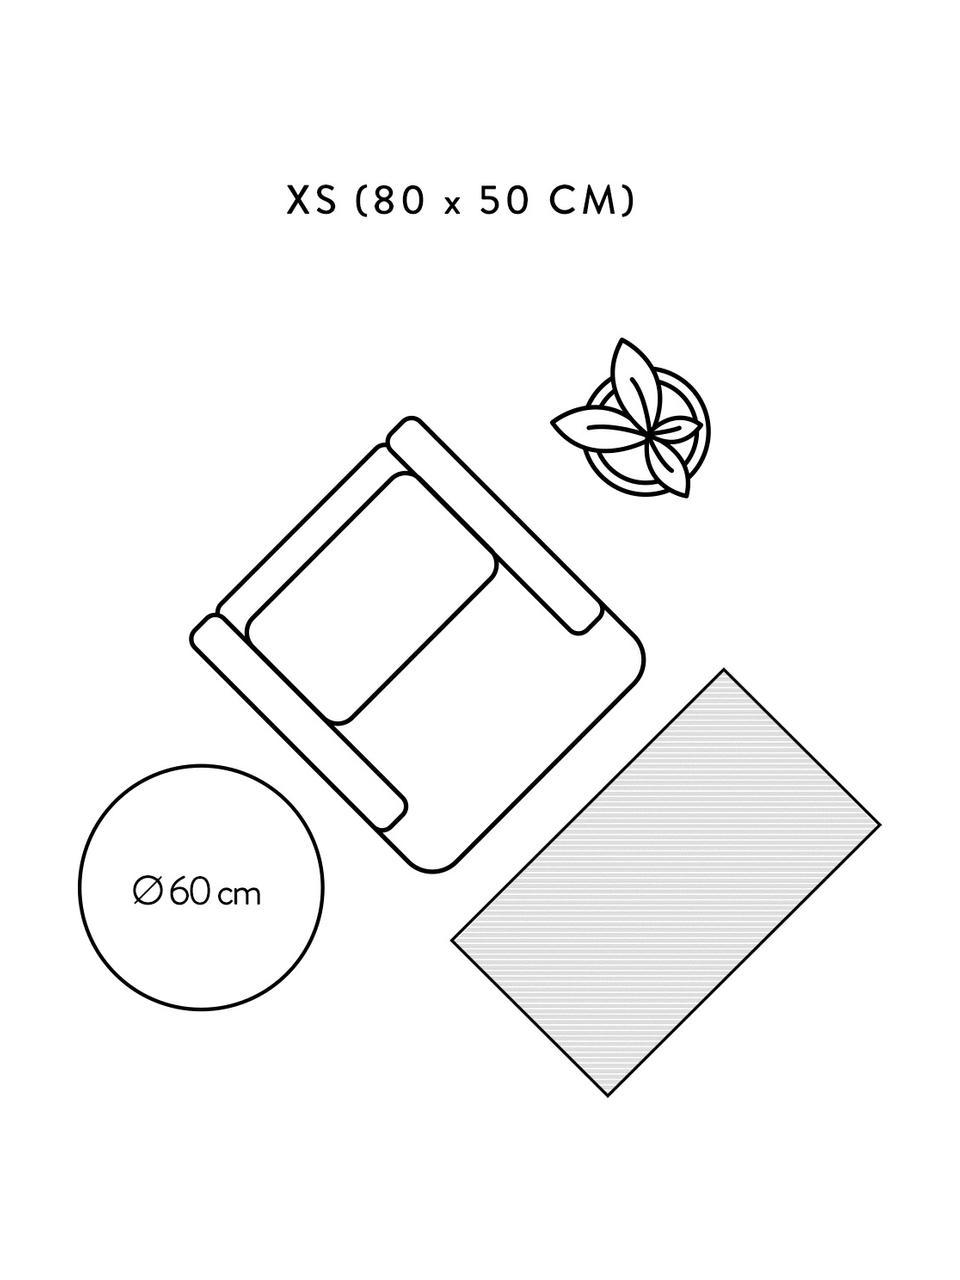 Dünner Baumwollteppich Agneta in Beige, handgewebt, 100% Baumwolle, Beige, B 200 x L 300 cm (Größe L)